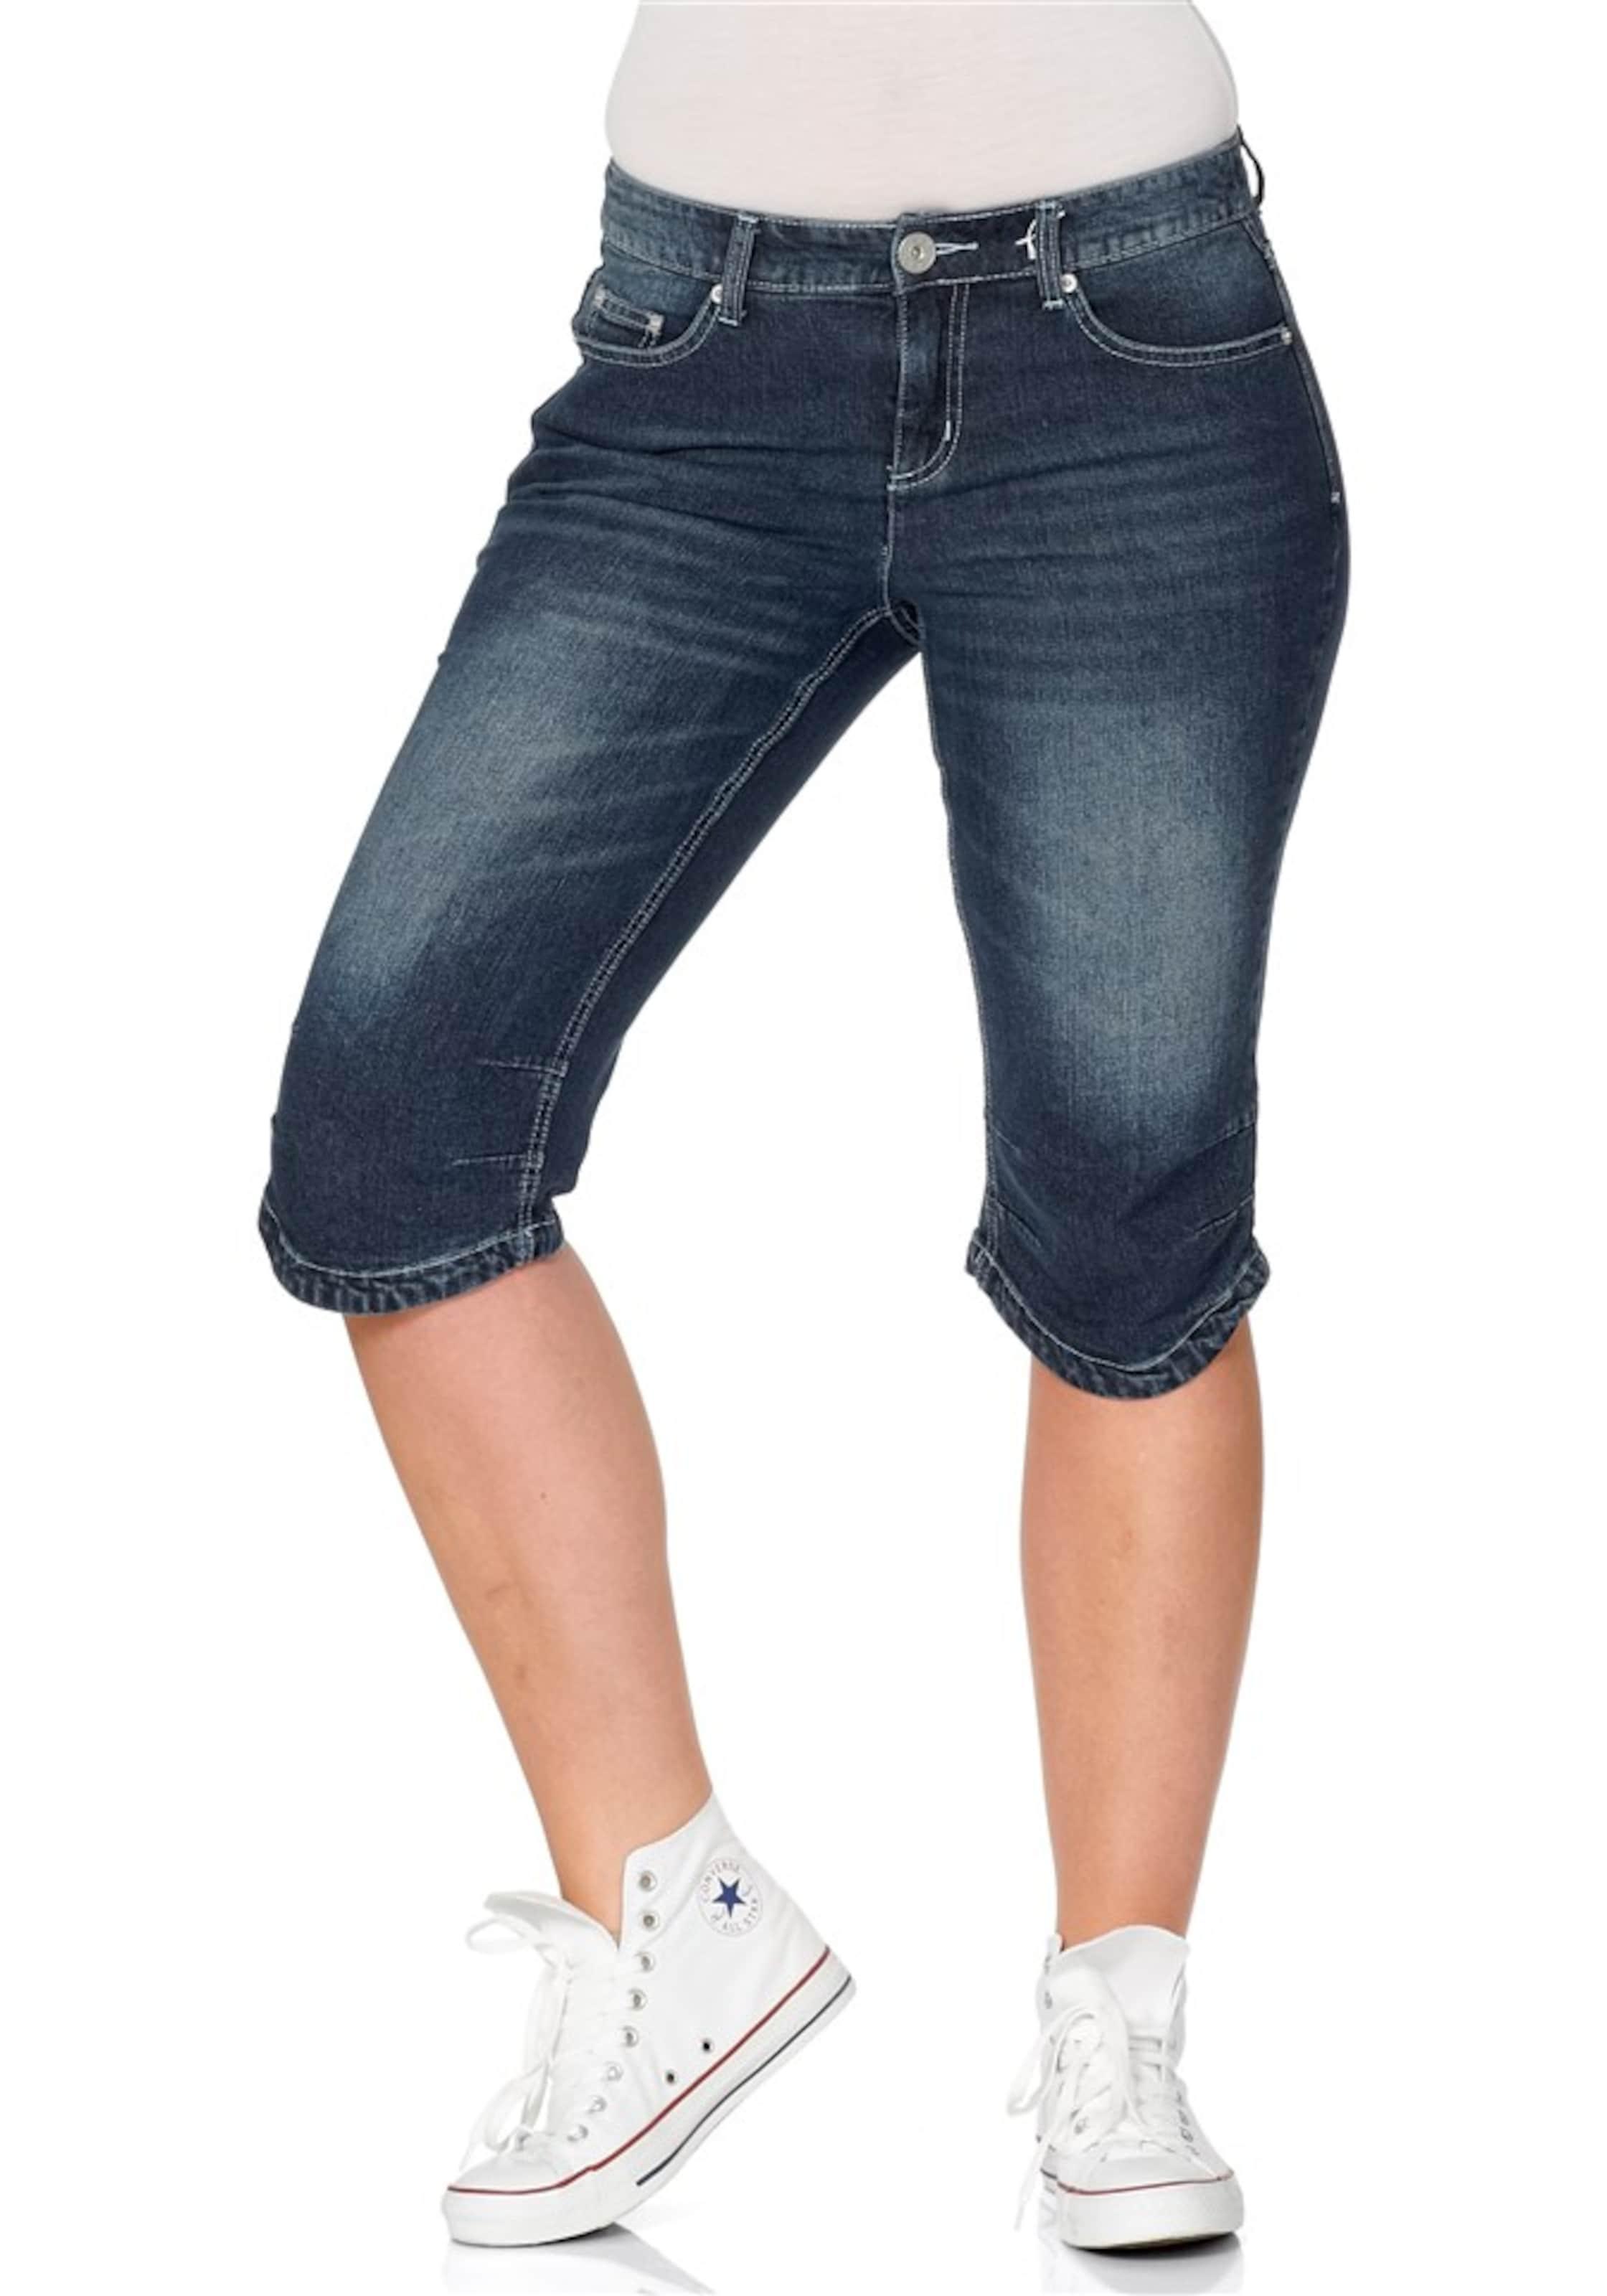 Spielraum Mit Kreditkarte sheego denim Denim Capri-Stretch-Jeans Günstig Kaufen Neue Auslass Original jQYdA